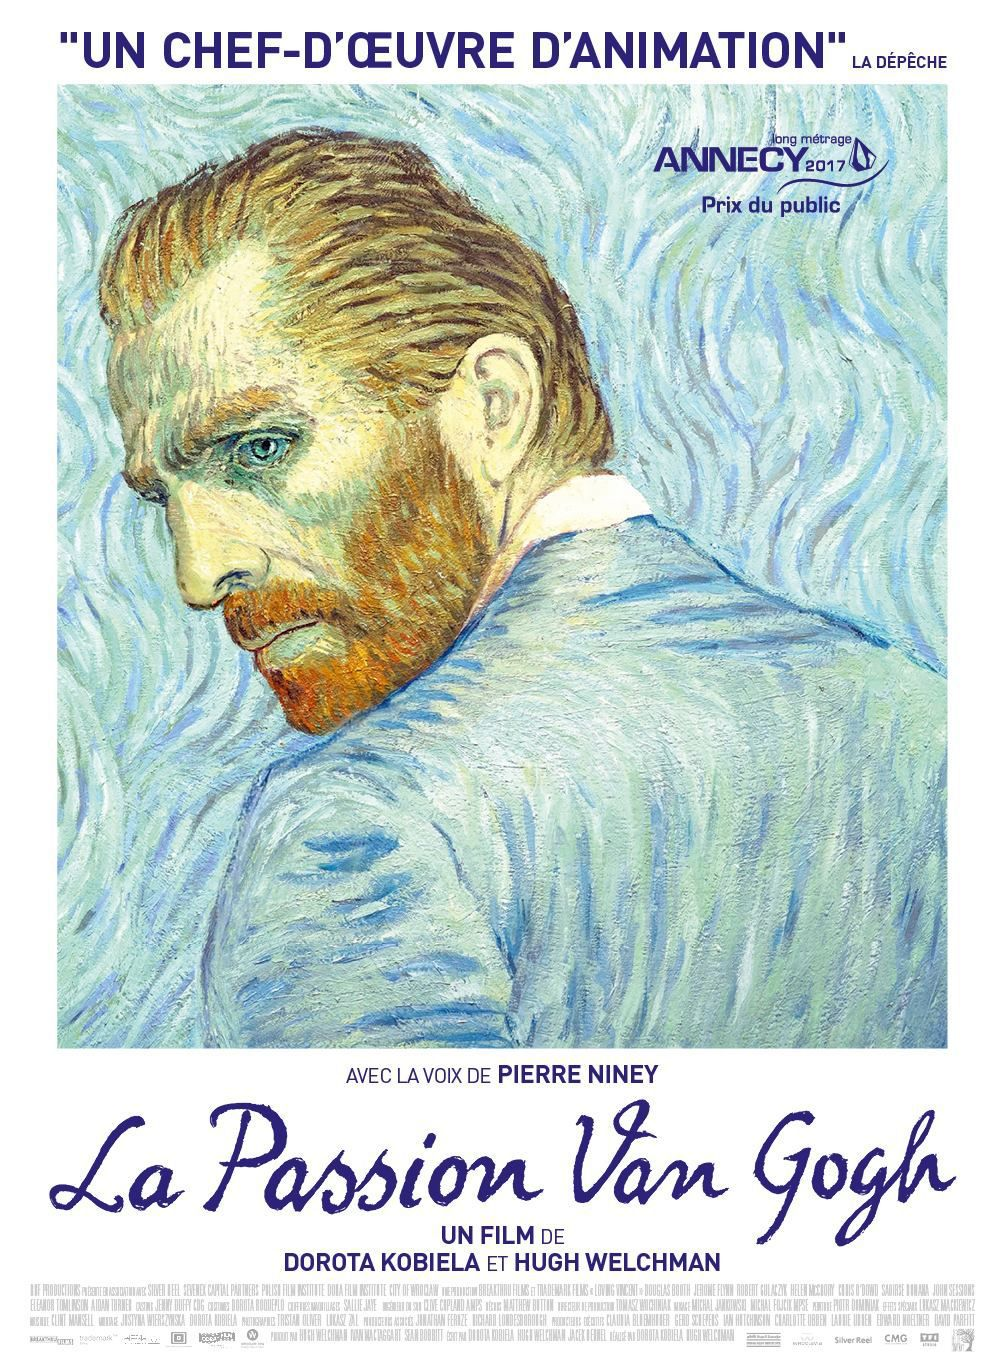 La Passion Van Gogh - Long-métrage d'animation (2017)